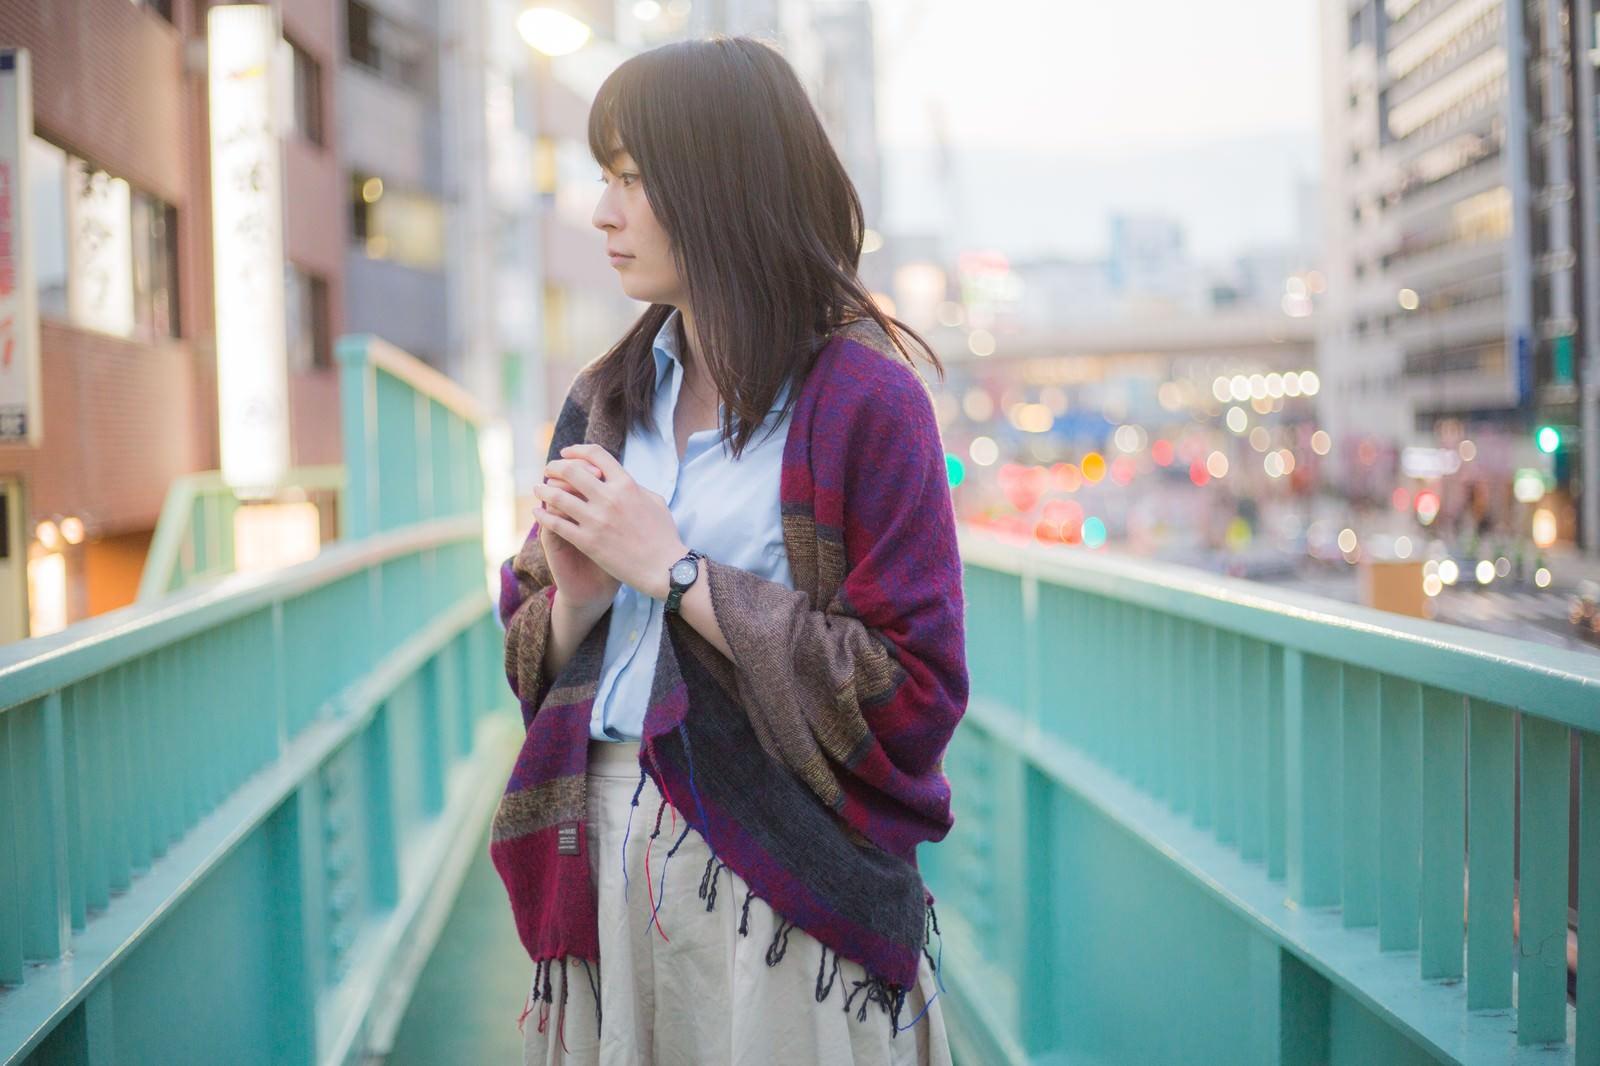 「歩道橋の上で立ち止まる女性 | 写真の無料素材・フリー素材 - ぱくたそ」の写真[モデル:たけべともこ]